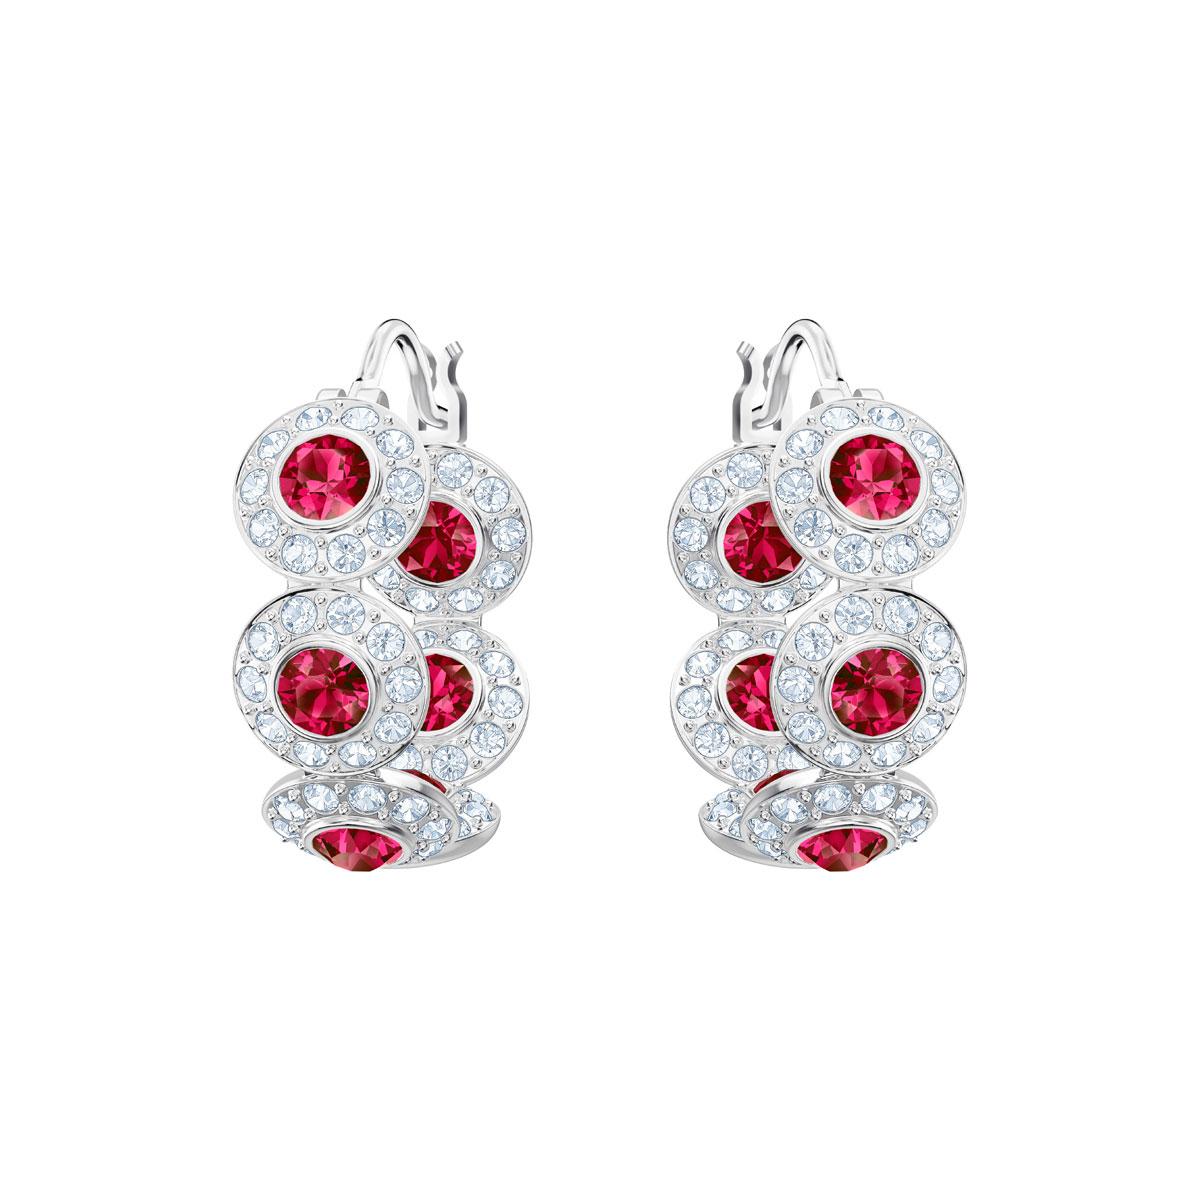 Swarovski Angelic Hoop Pierced Earrings, Red, Rhodium